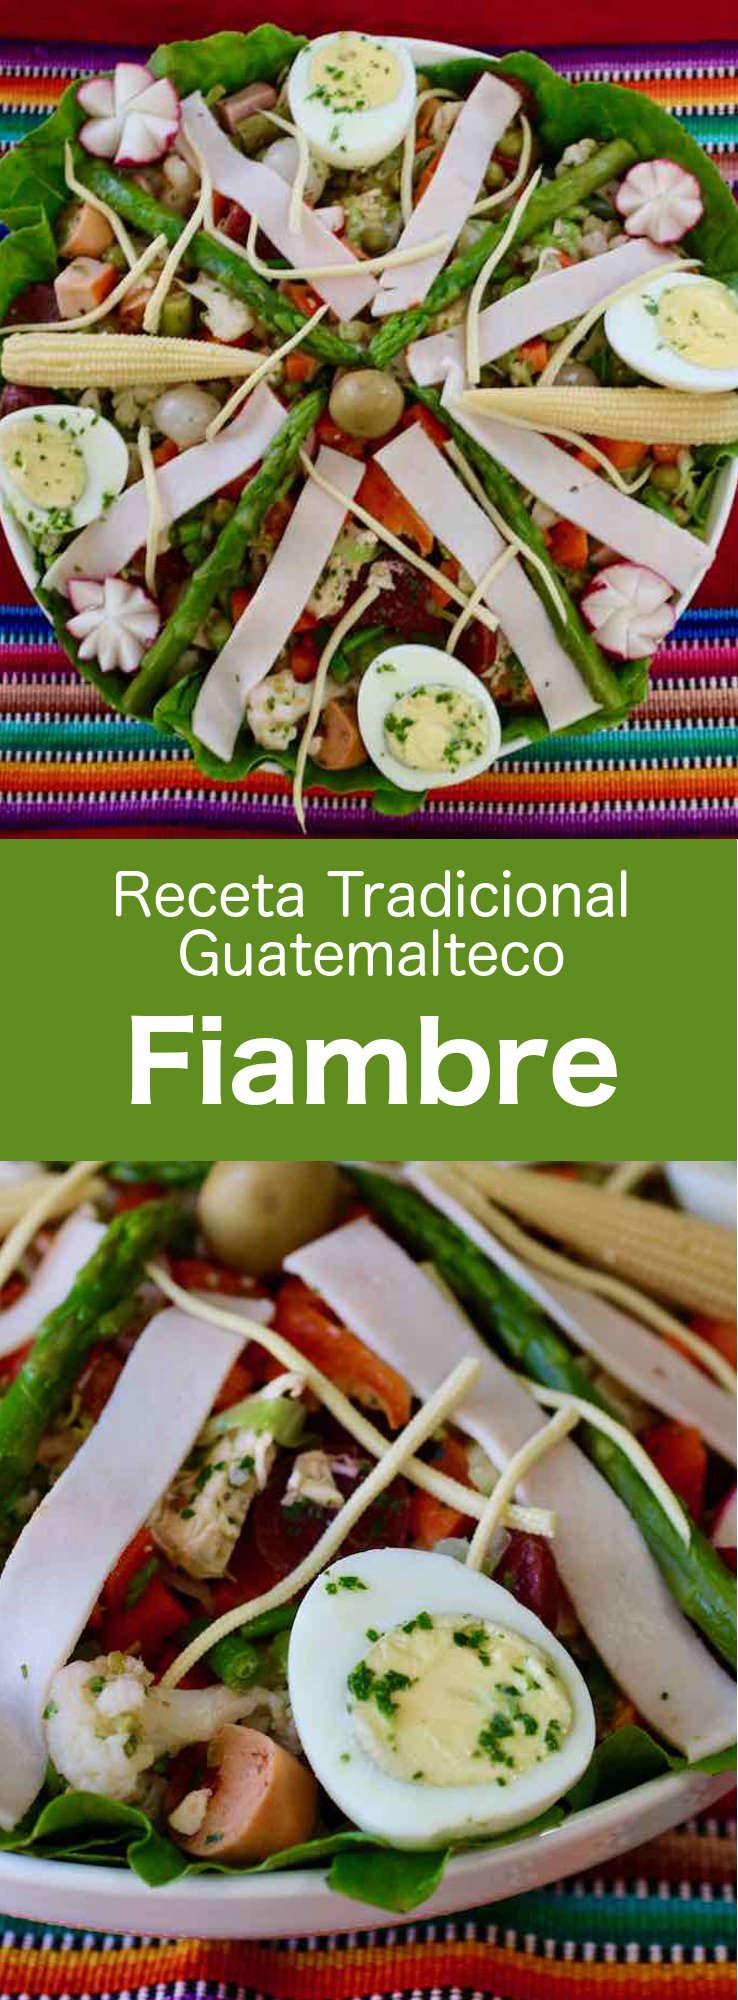 El fiambre es una ensalada fría guatemalteca tradicional preparada con una gran variedad de verduras, carnes y quesos, que se come principalmente en el Día de los Muertos. #Guatemala #RecetaDeGuatemala #196flavors